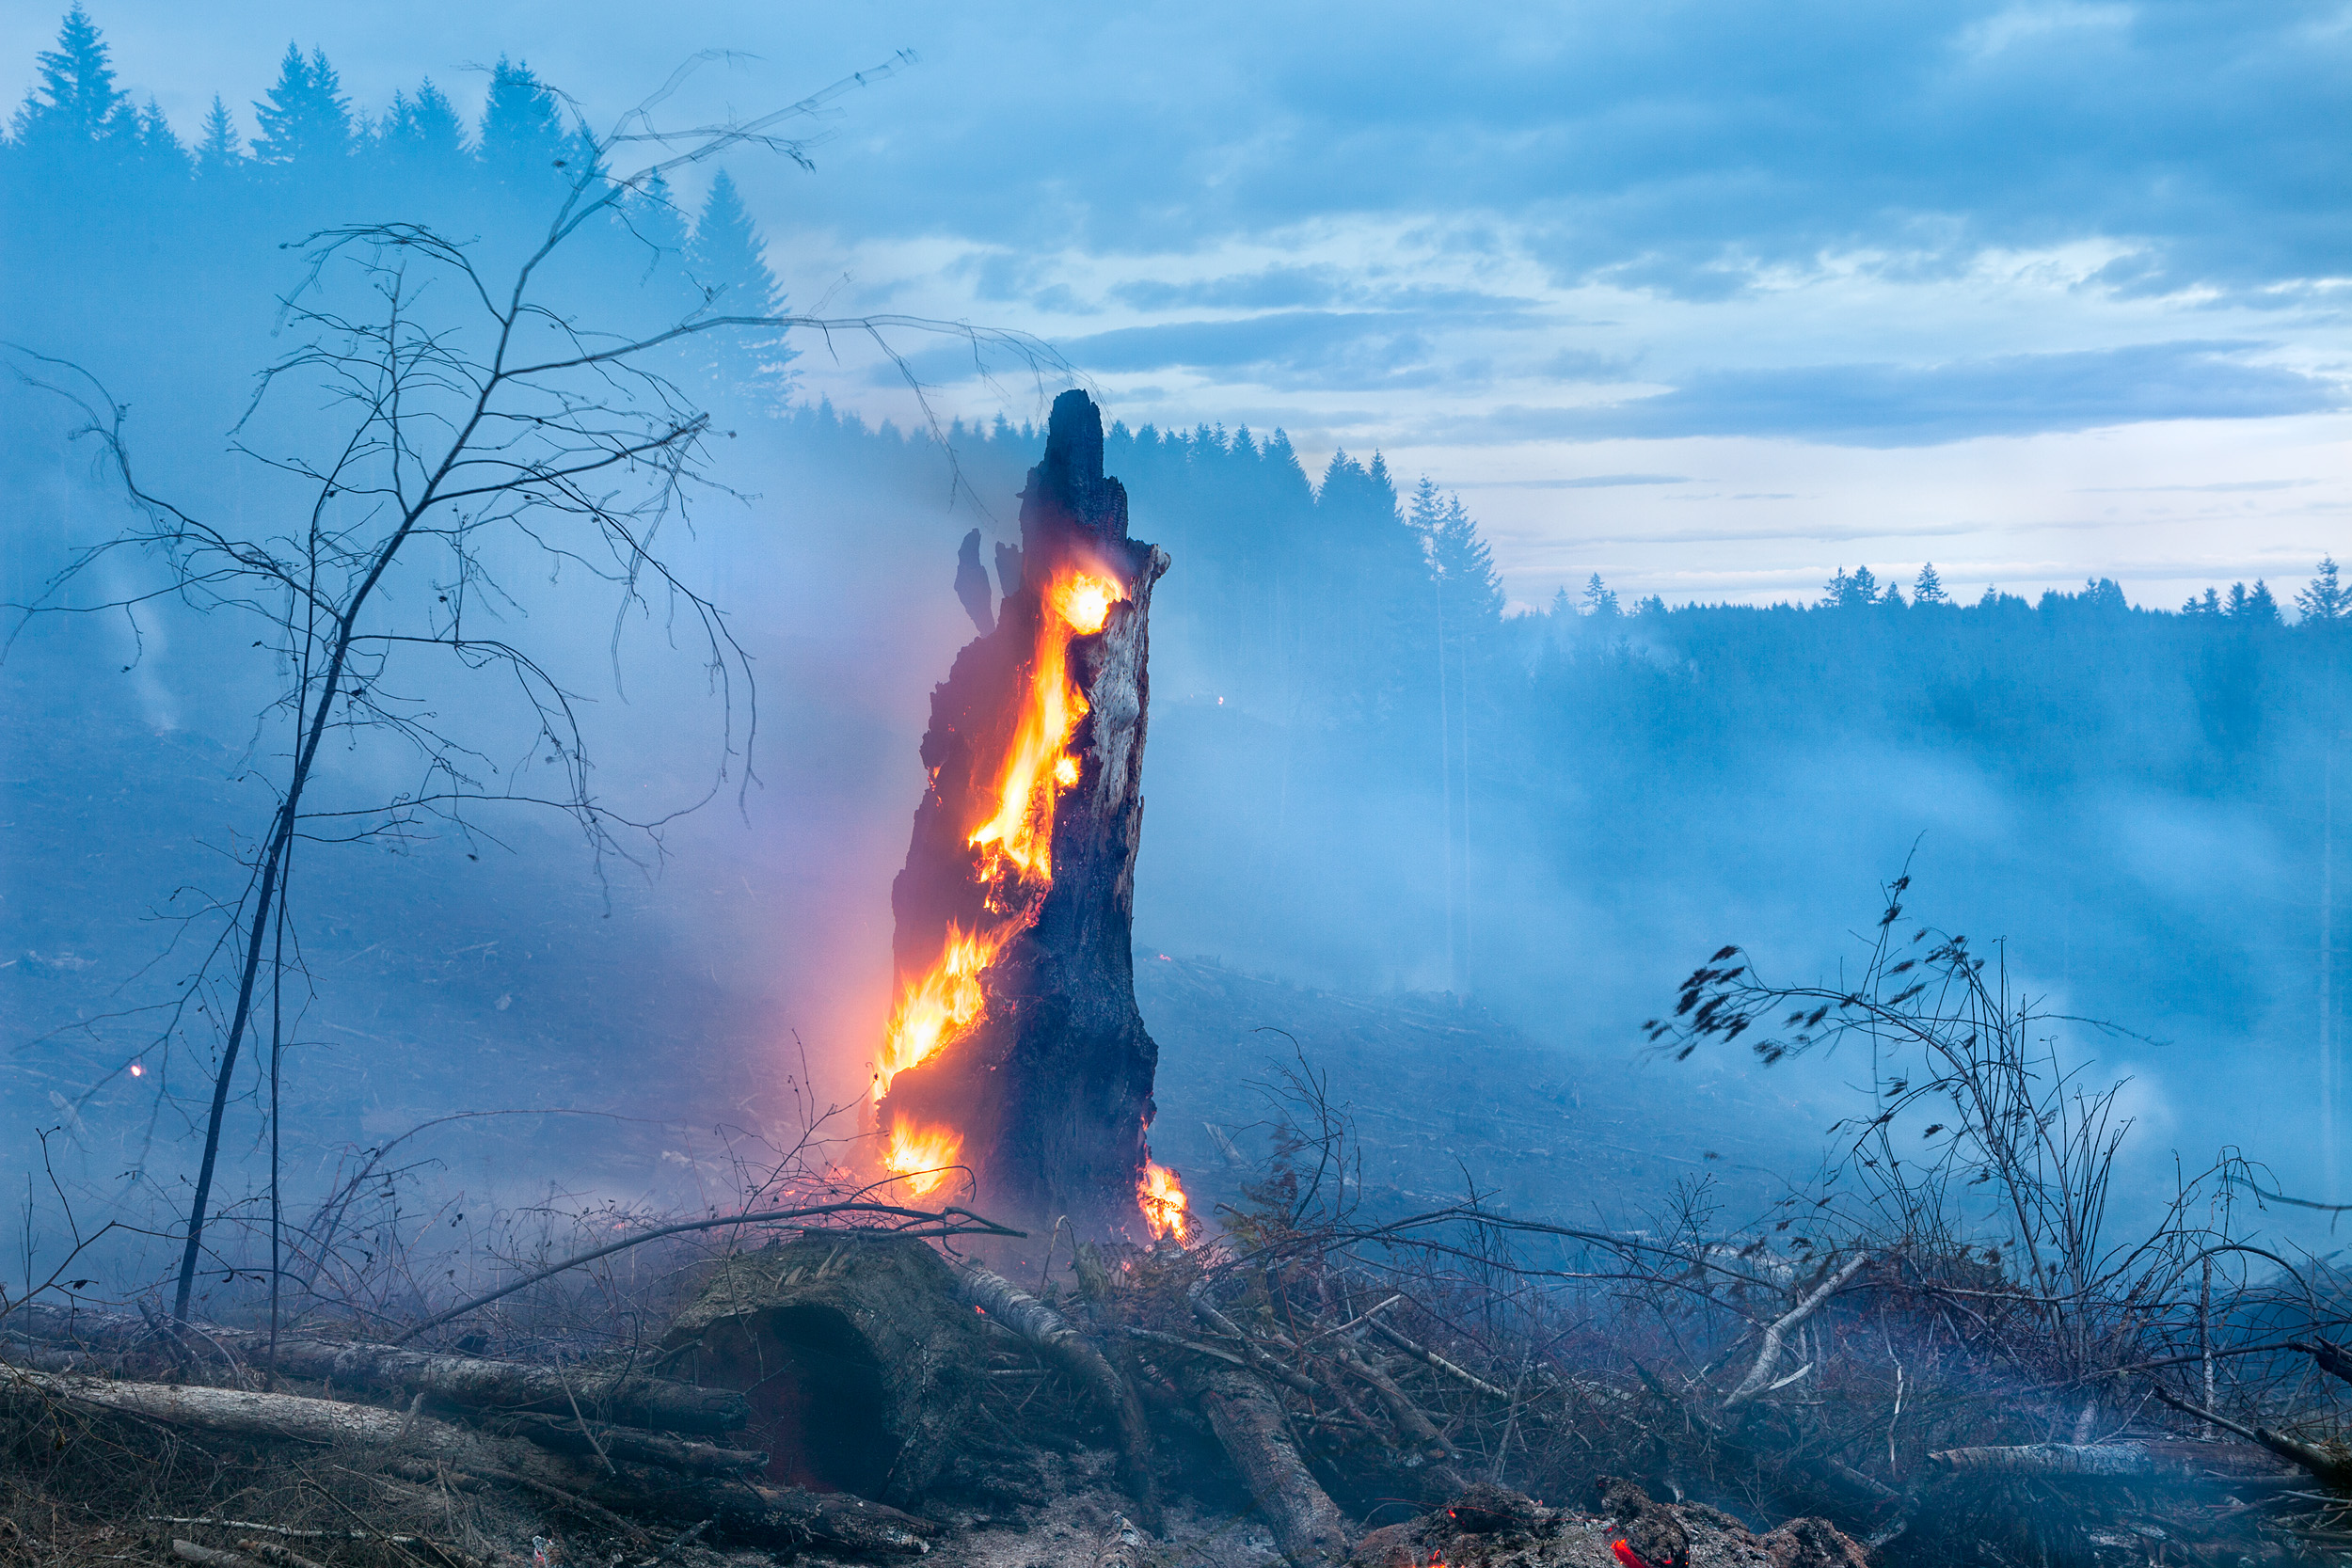 Burn #249, 2009